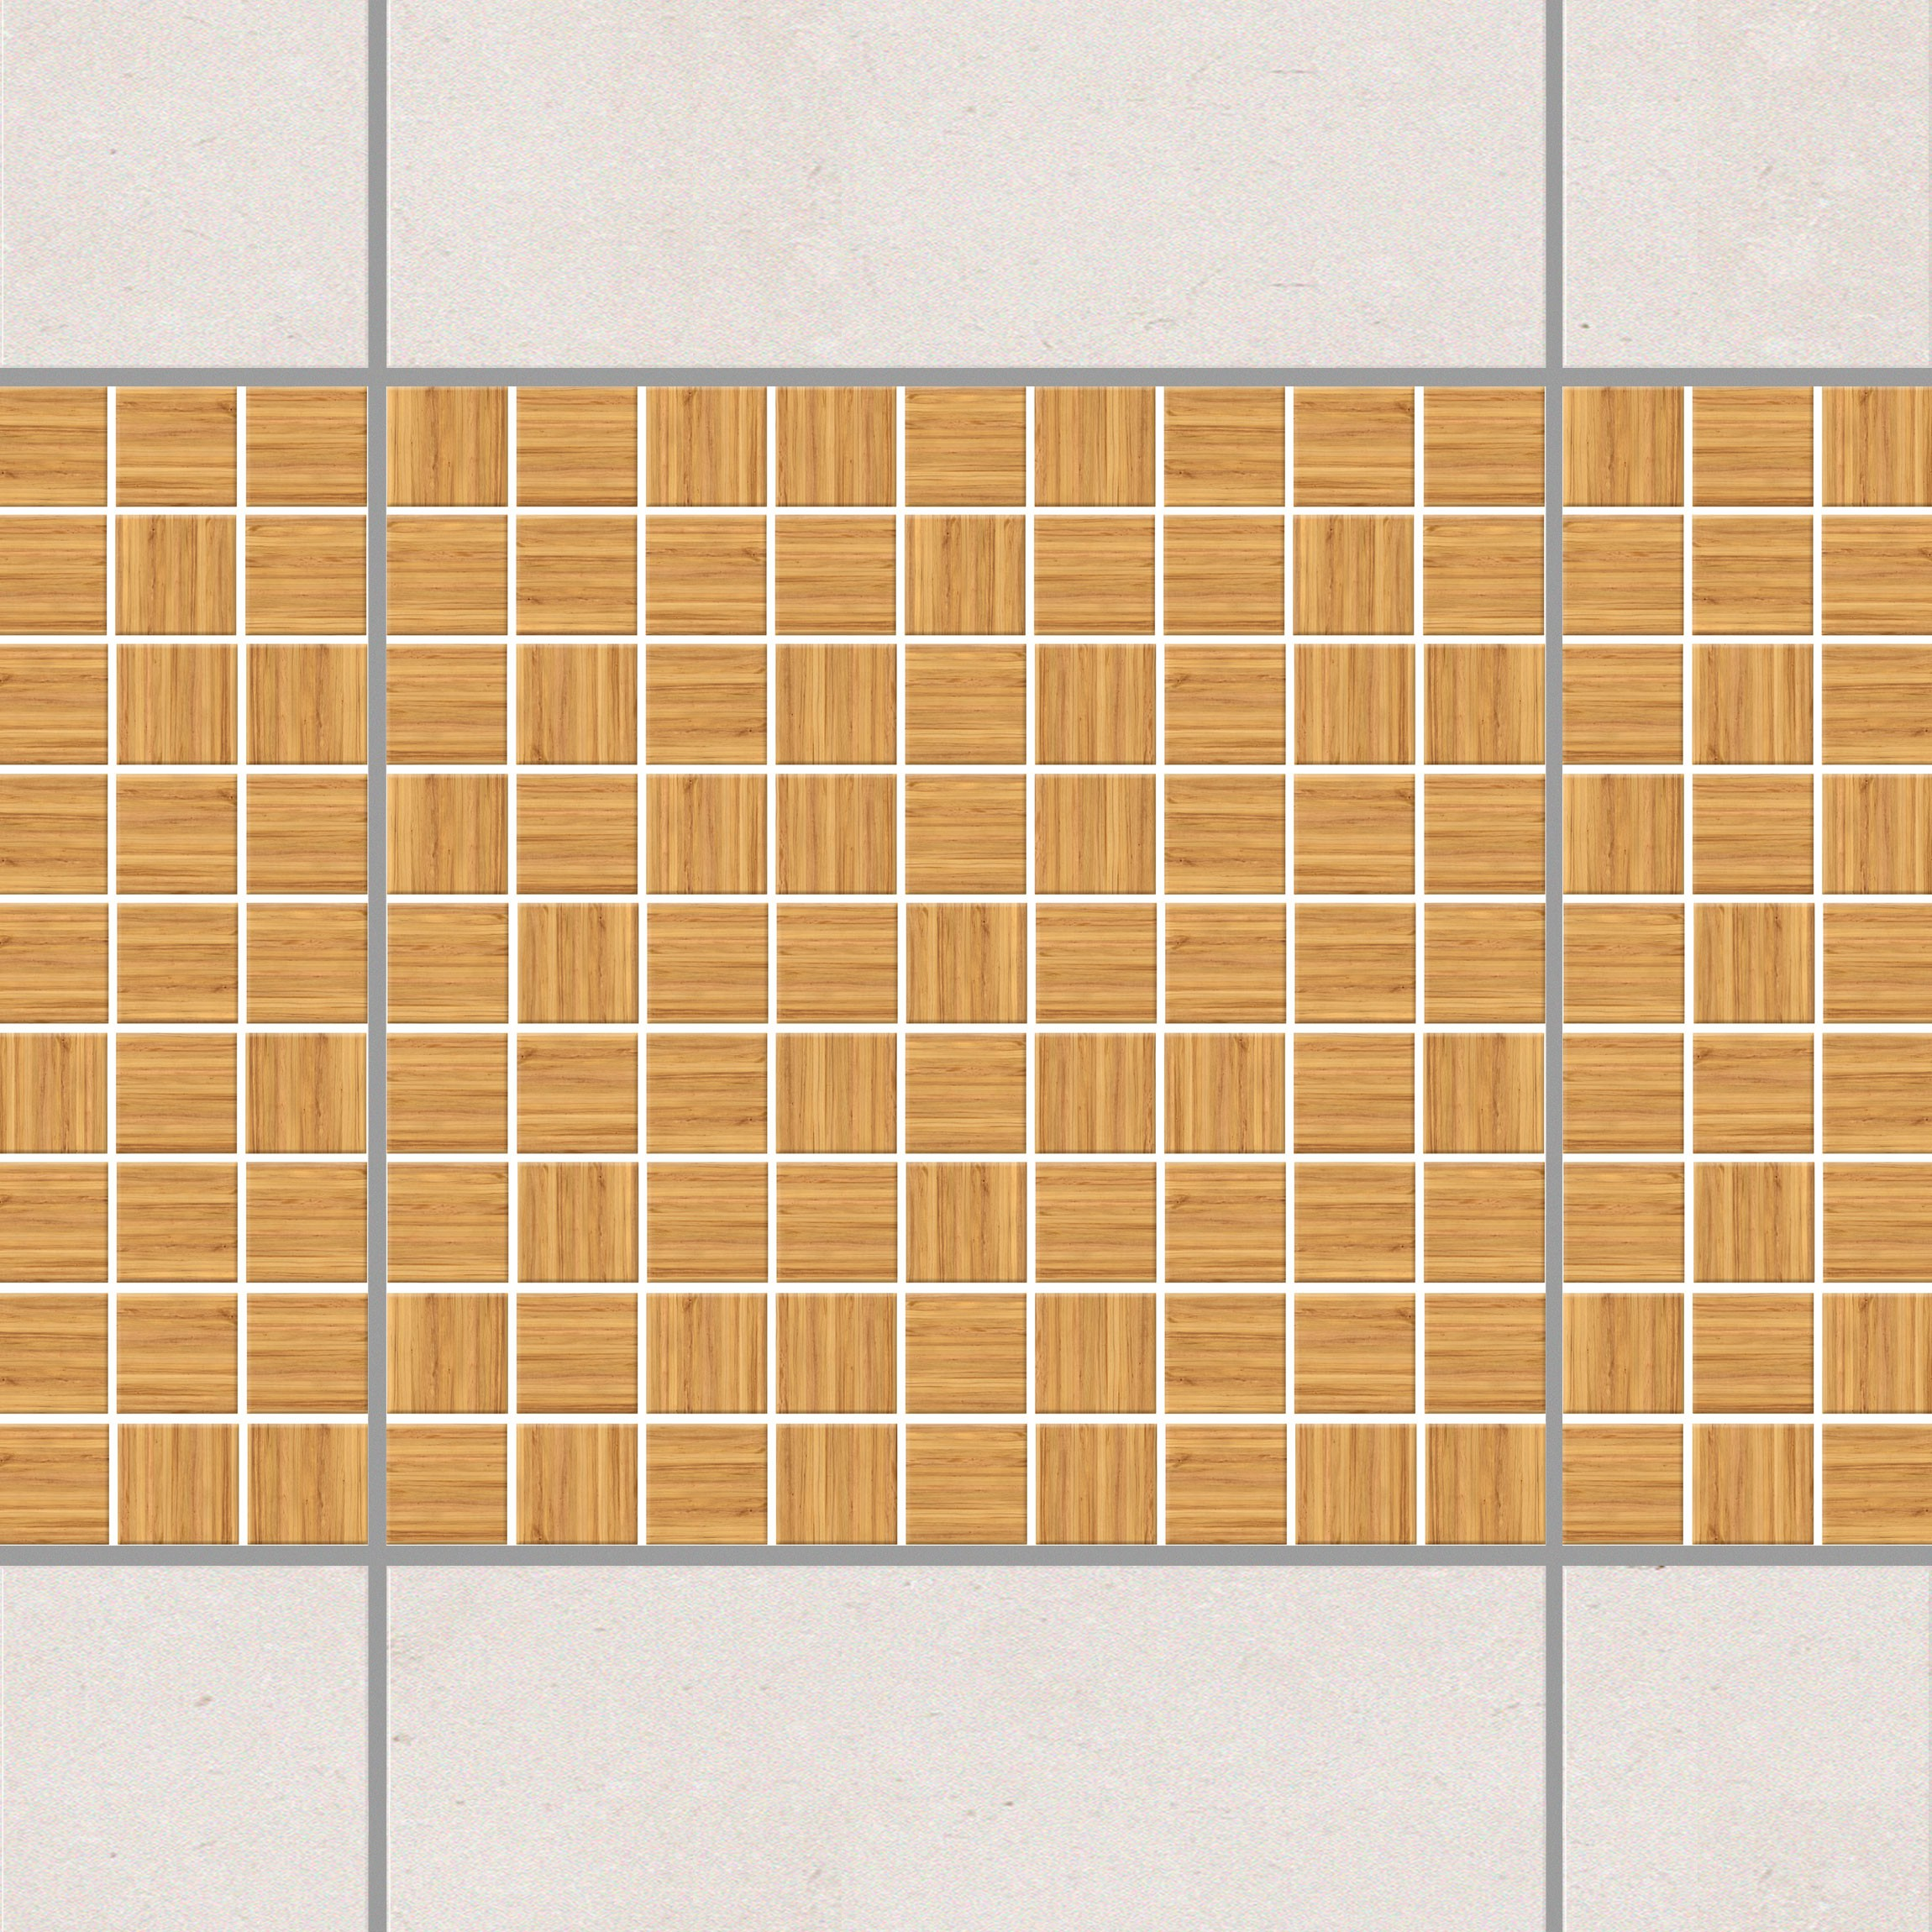 Full Size of Fliesen Bordre Selbstklebende Mosaikfliesen Holzoptik Weitanne Bodenfliesen Küche In Bad Bodengleiche Dusche Wandfliesen Für Begehbare Holzfliesen Wohnzimmer Selbstklebende Fliesen